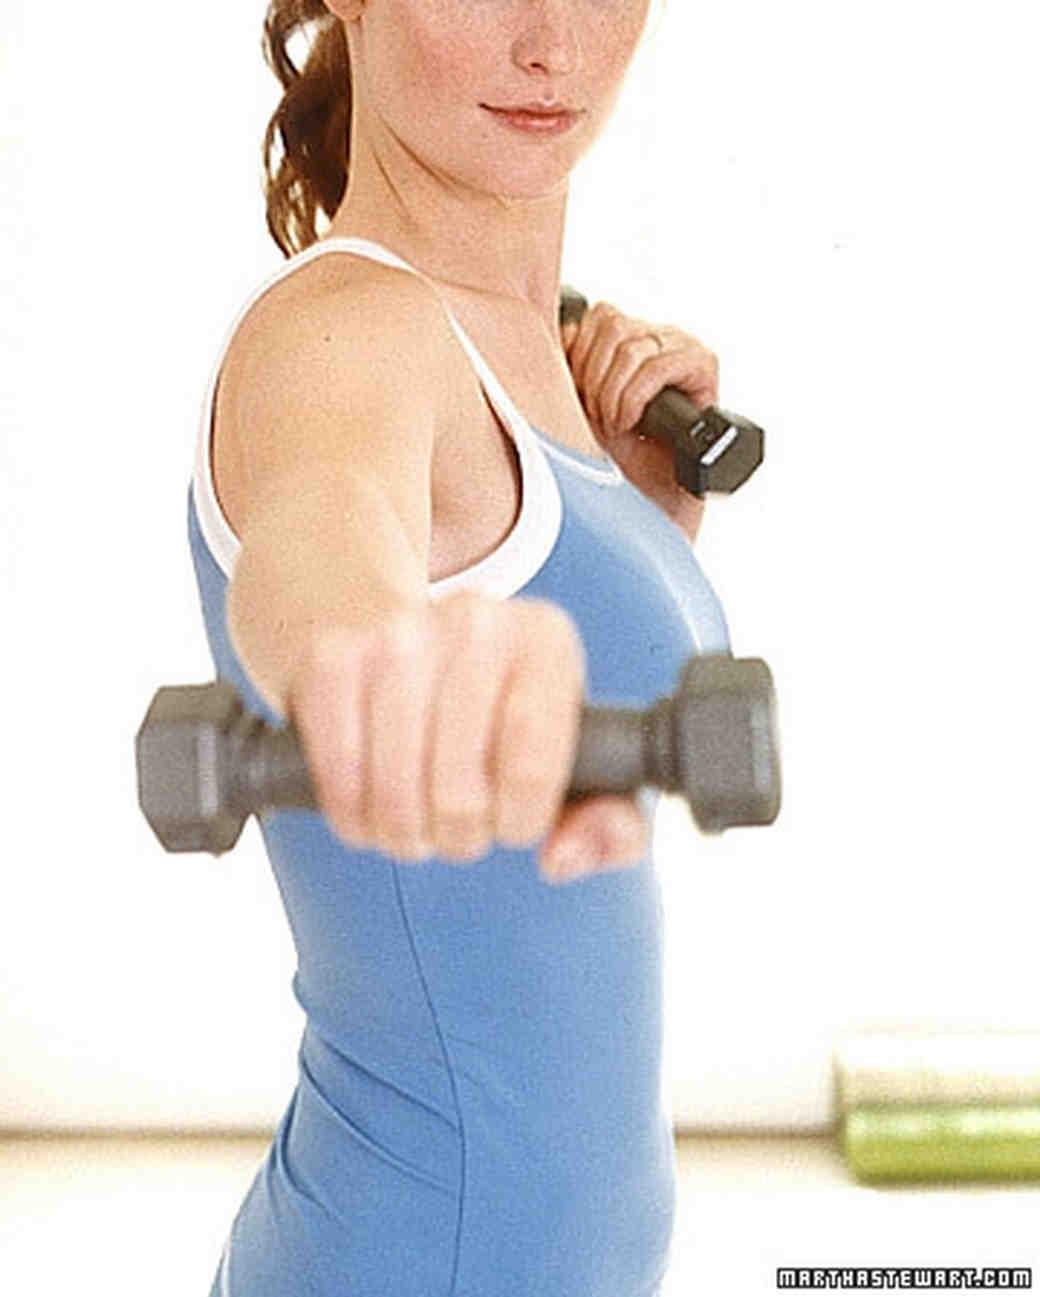 ba101873_0106_workout.jpg